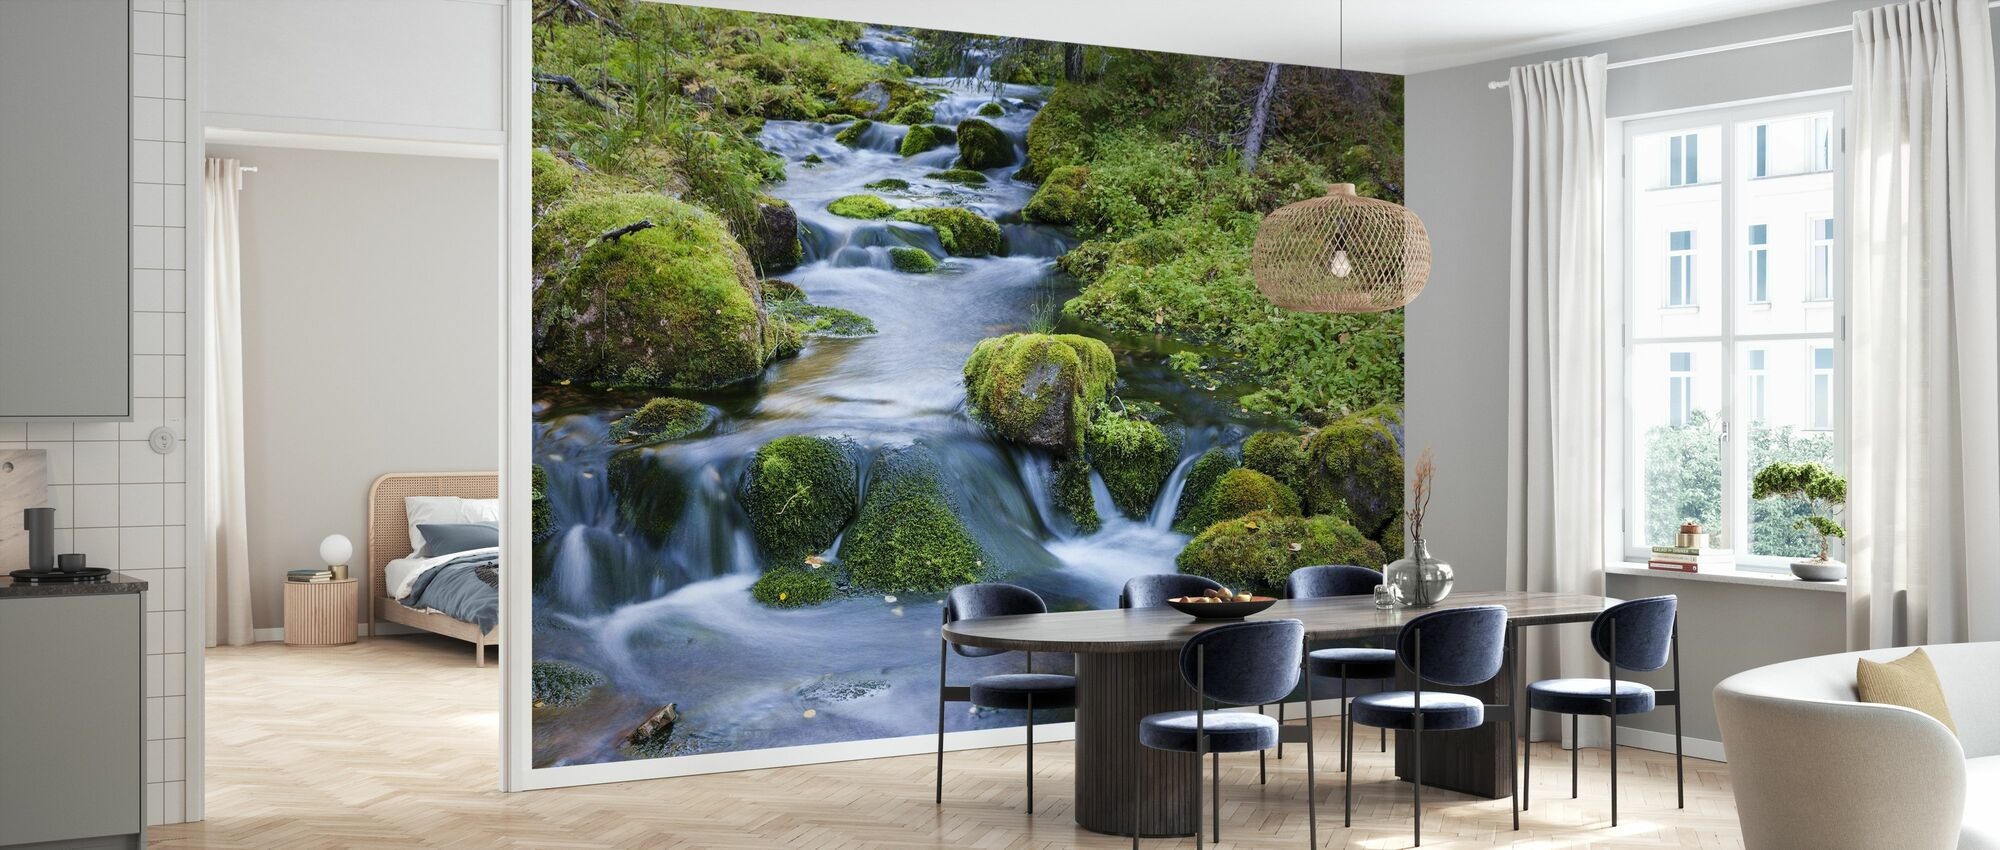 Finnish Stream - Wallpaper - Kitchen